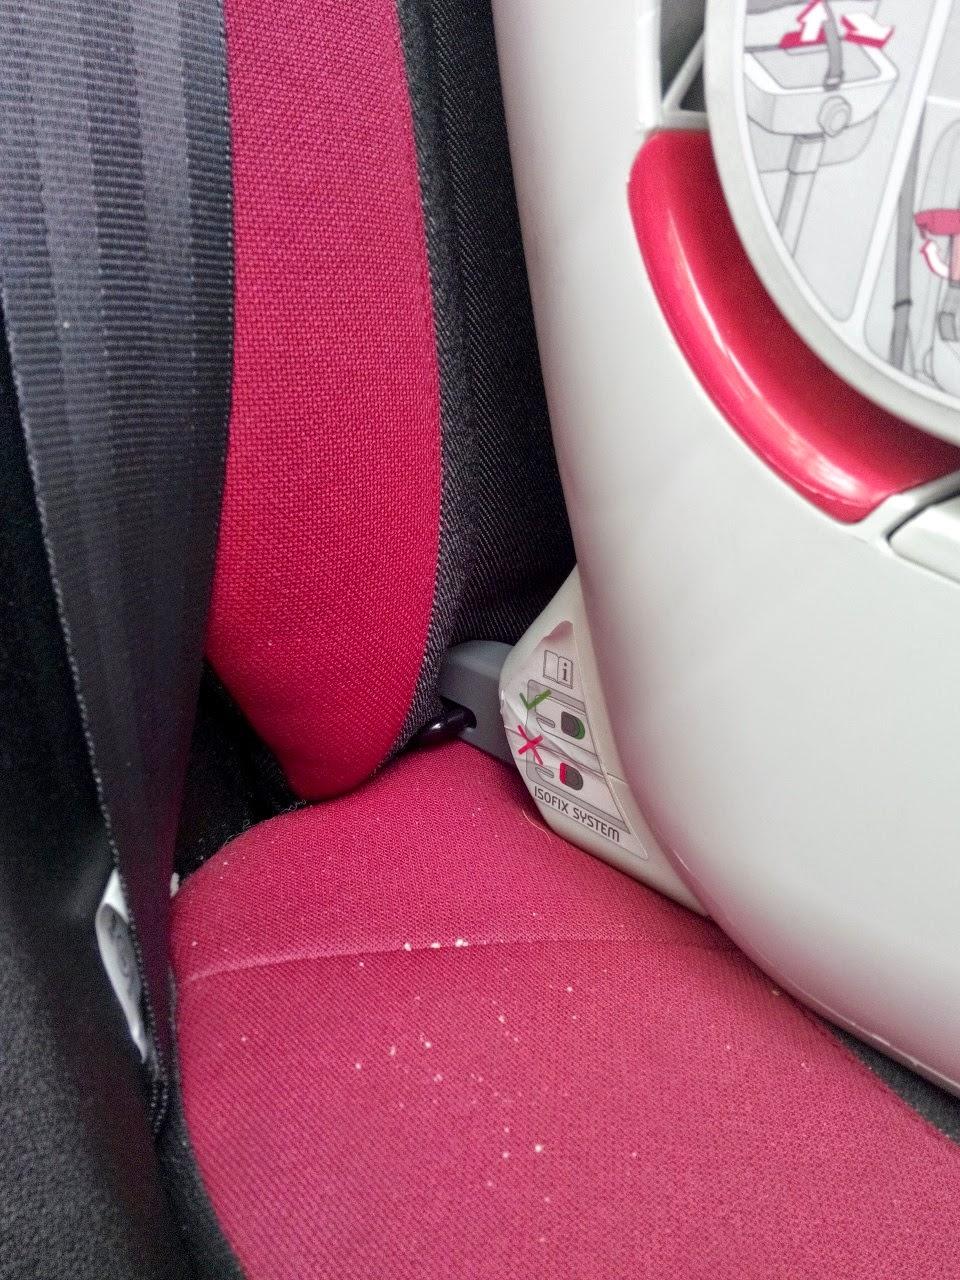 izofixli oto koltuğu